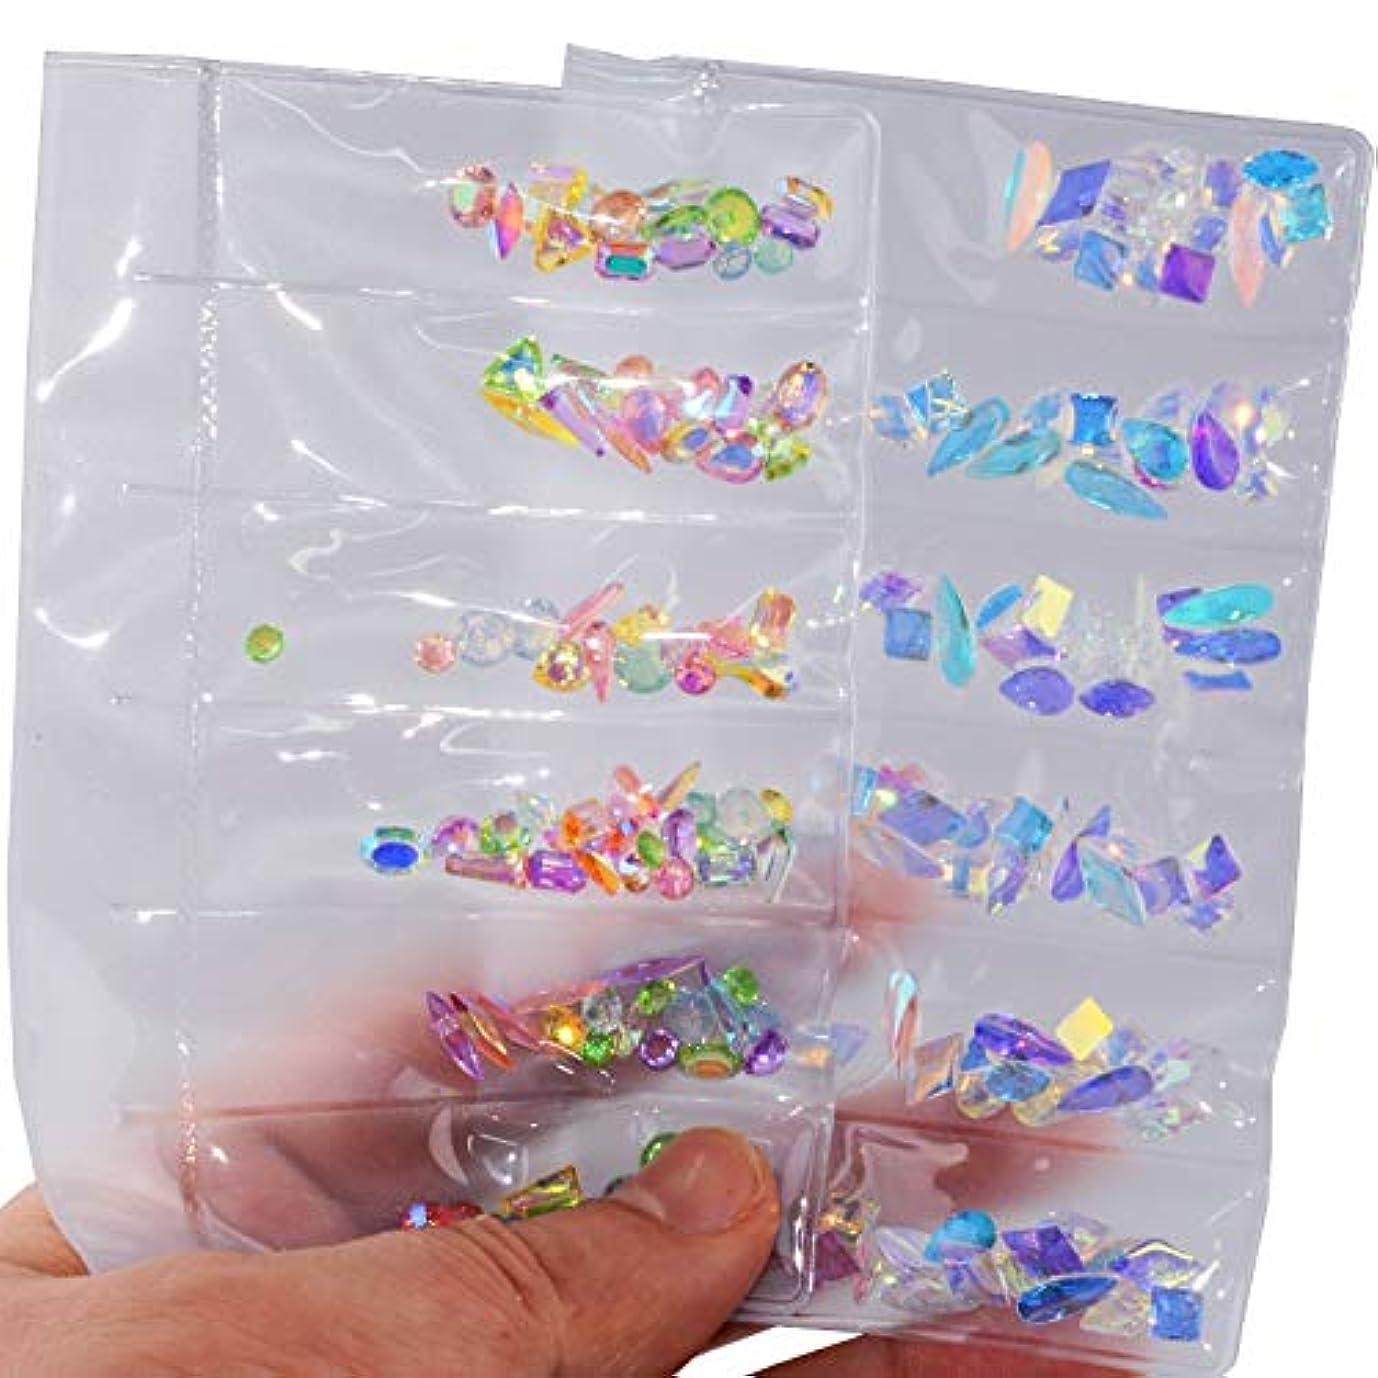 定規溶ける関連する2パックセットネイルアートラインストーンネイルアートデコレーションフラットバックガラスダイヤモンドティアドロップ馬の目の水晶石